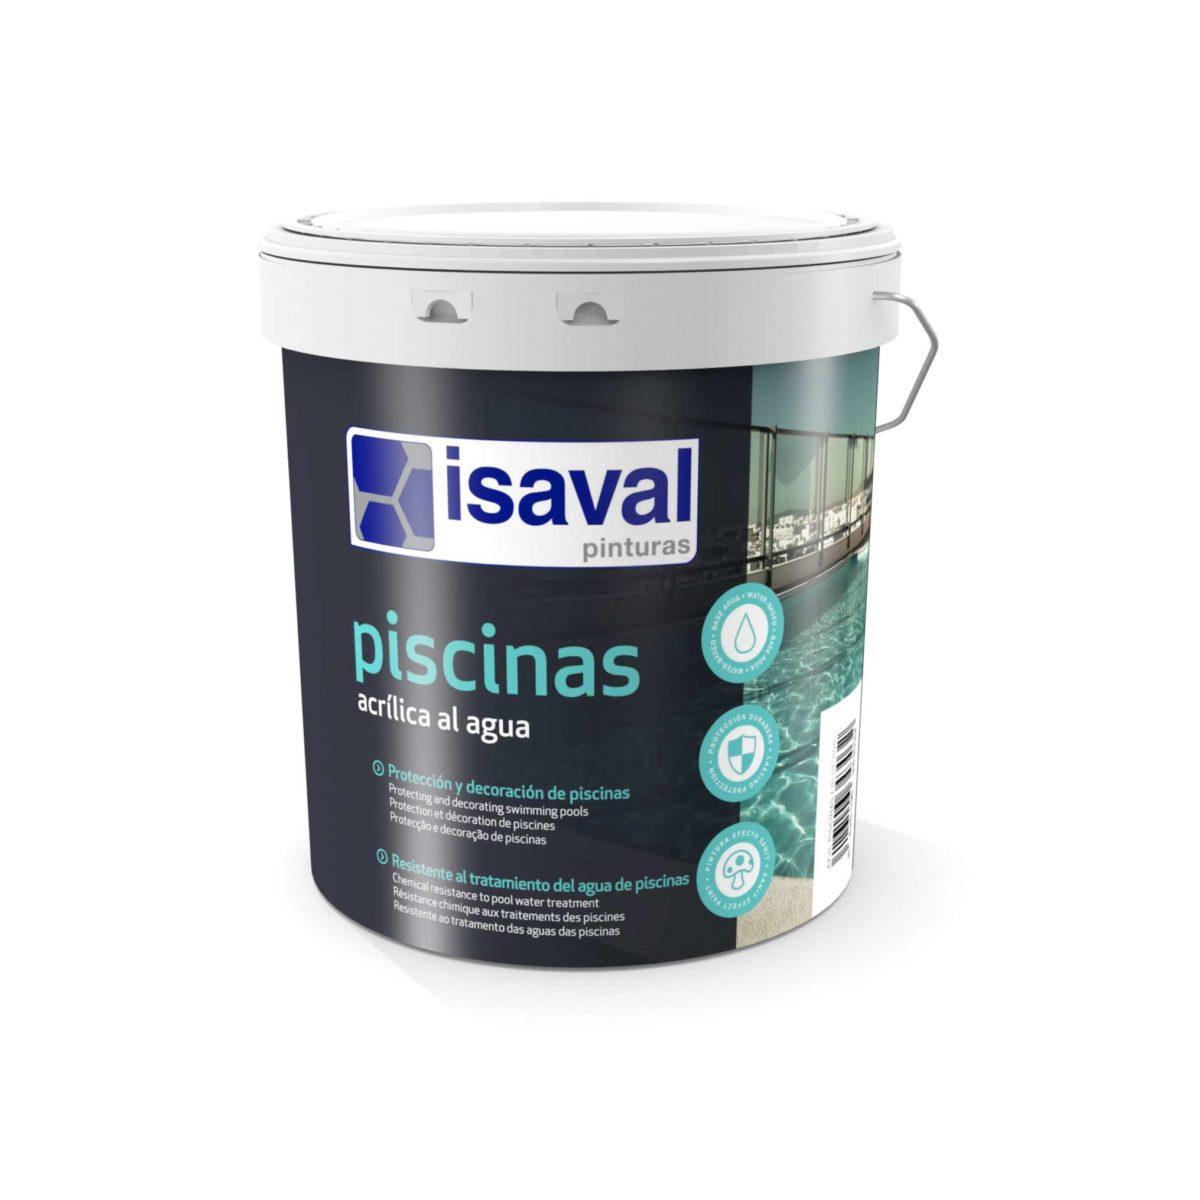 Acrílica piscinas. Protección y decoración de piscinas de Pinturas Isaval